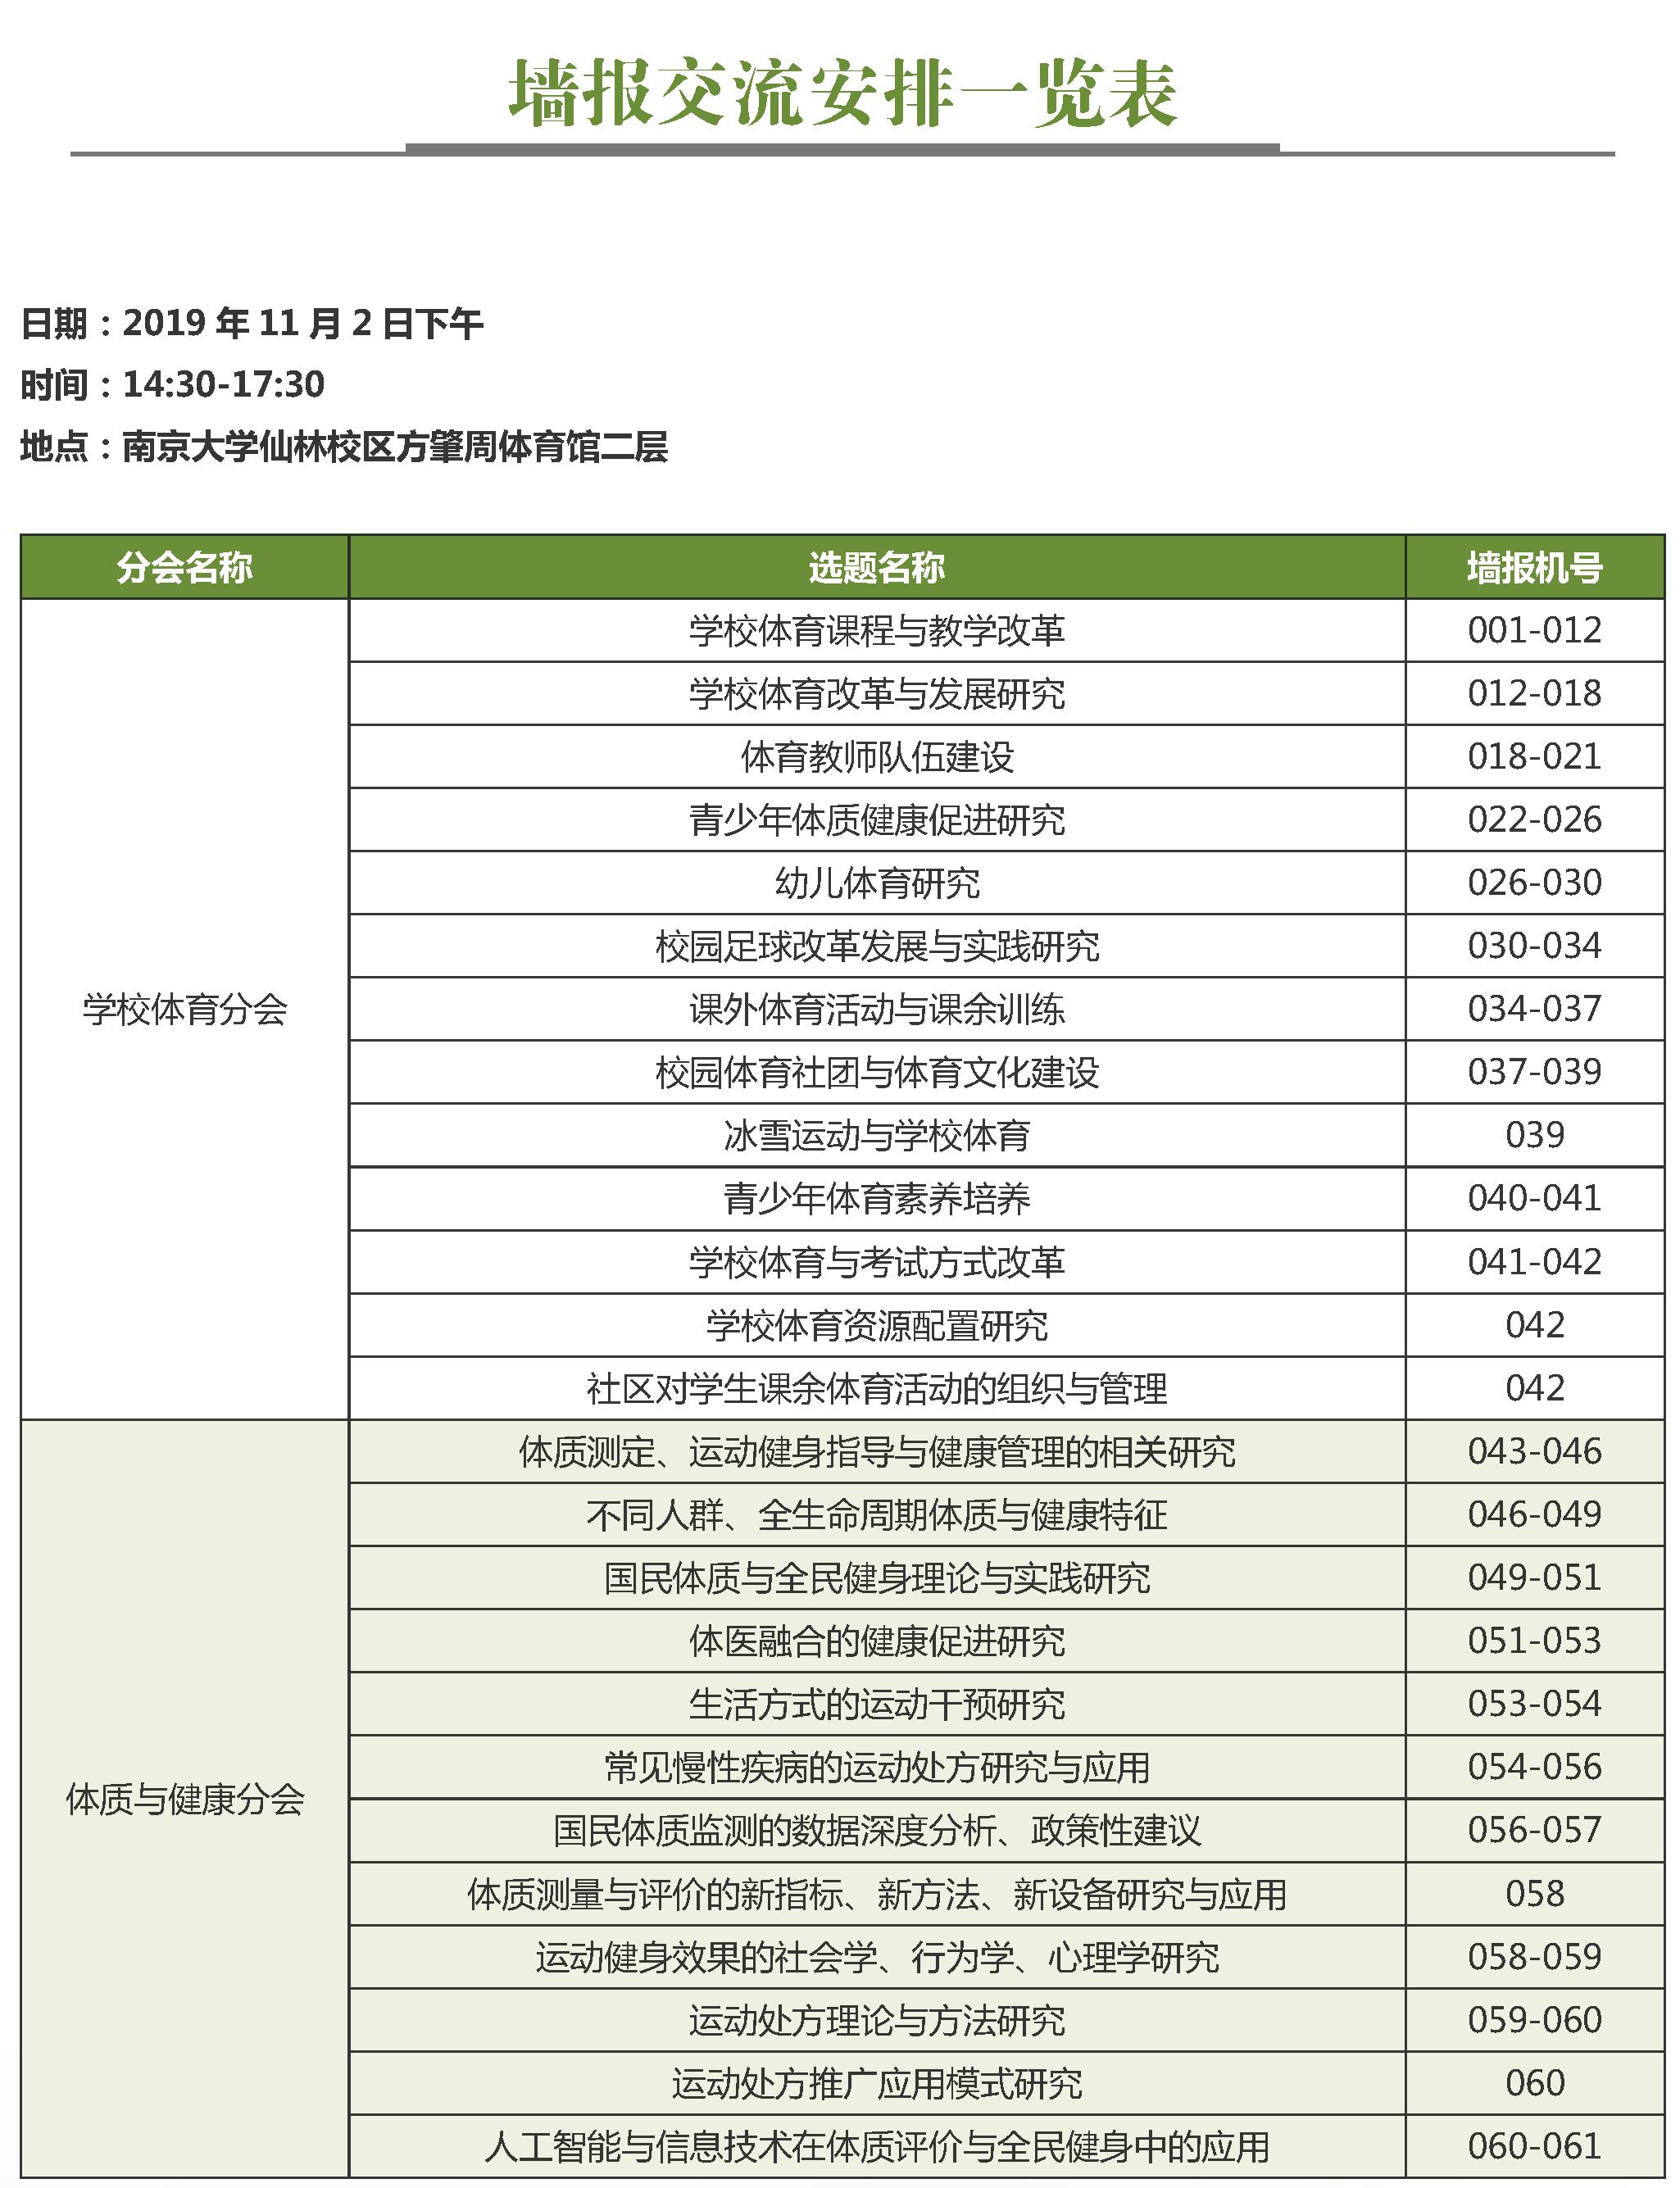 会议指南20191024-5_页面_025.png